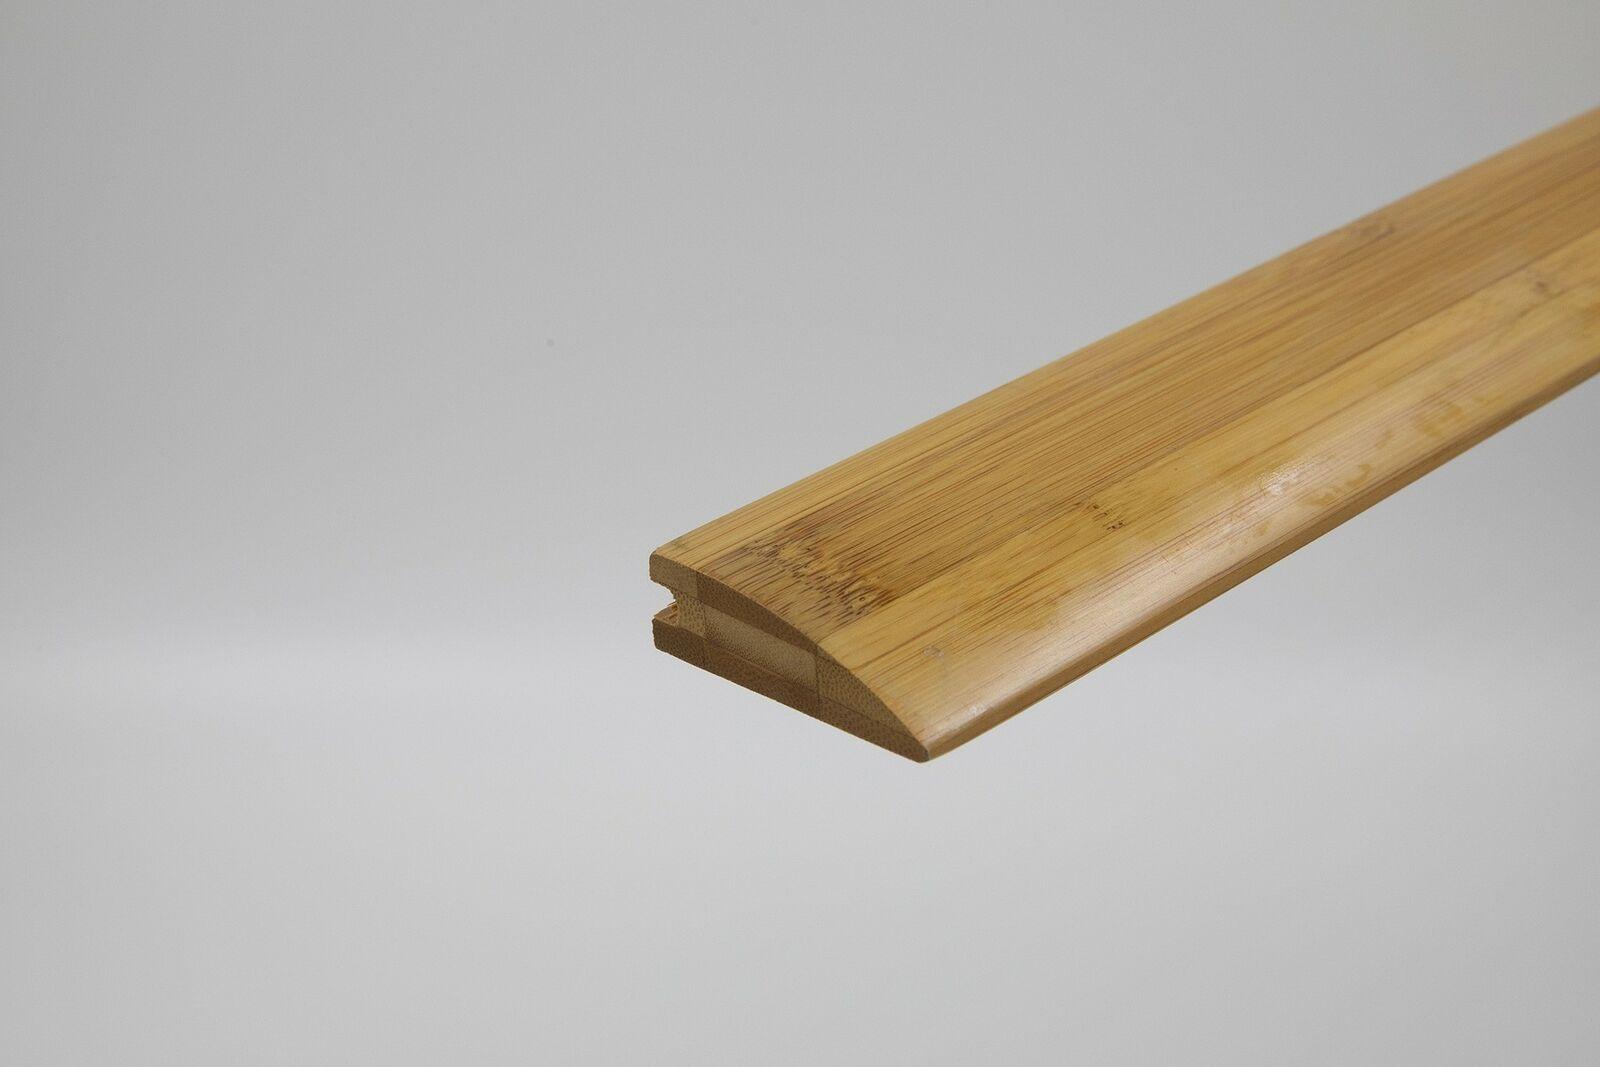 Barre De Seuil Parquet barre de seuil bambou seuil de niveau café 1.90 m | ebay